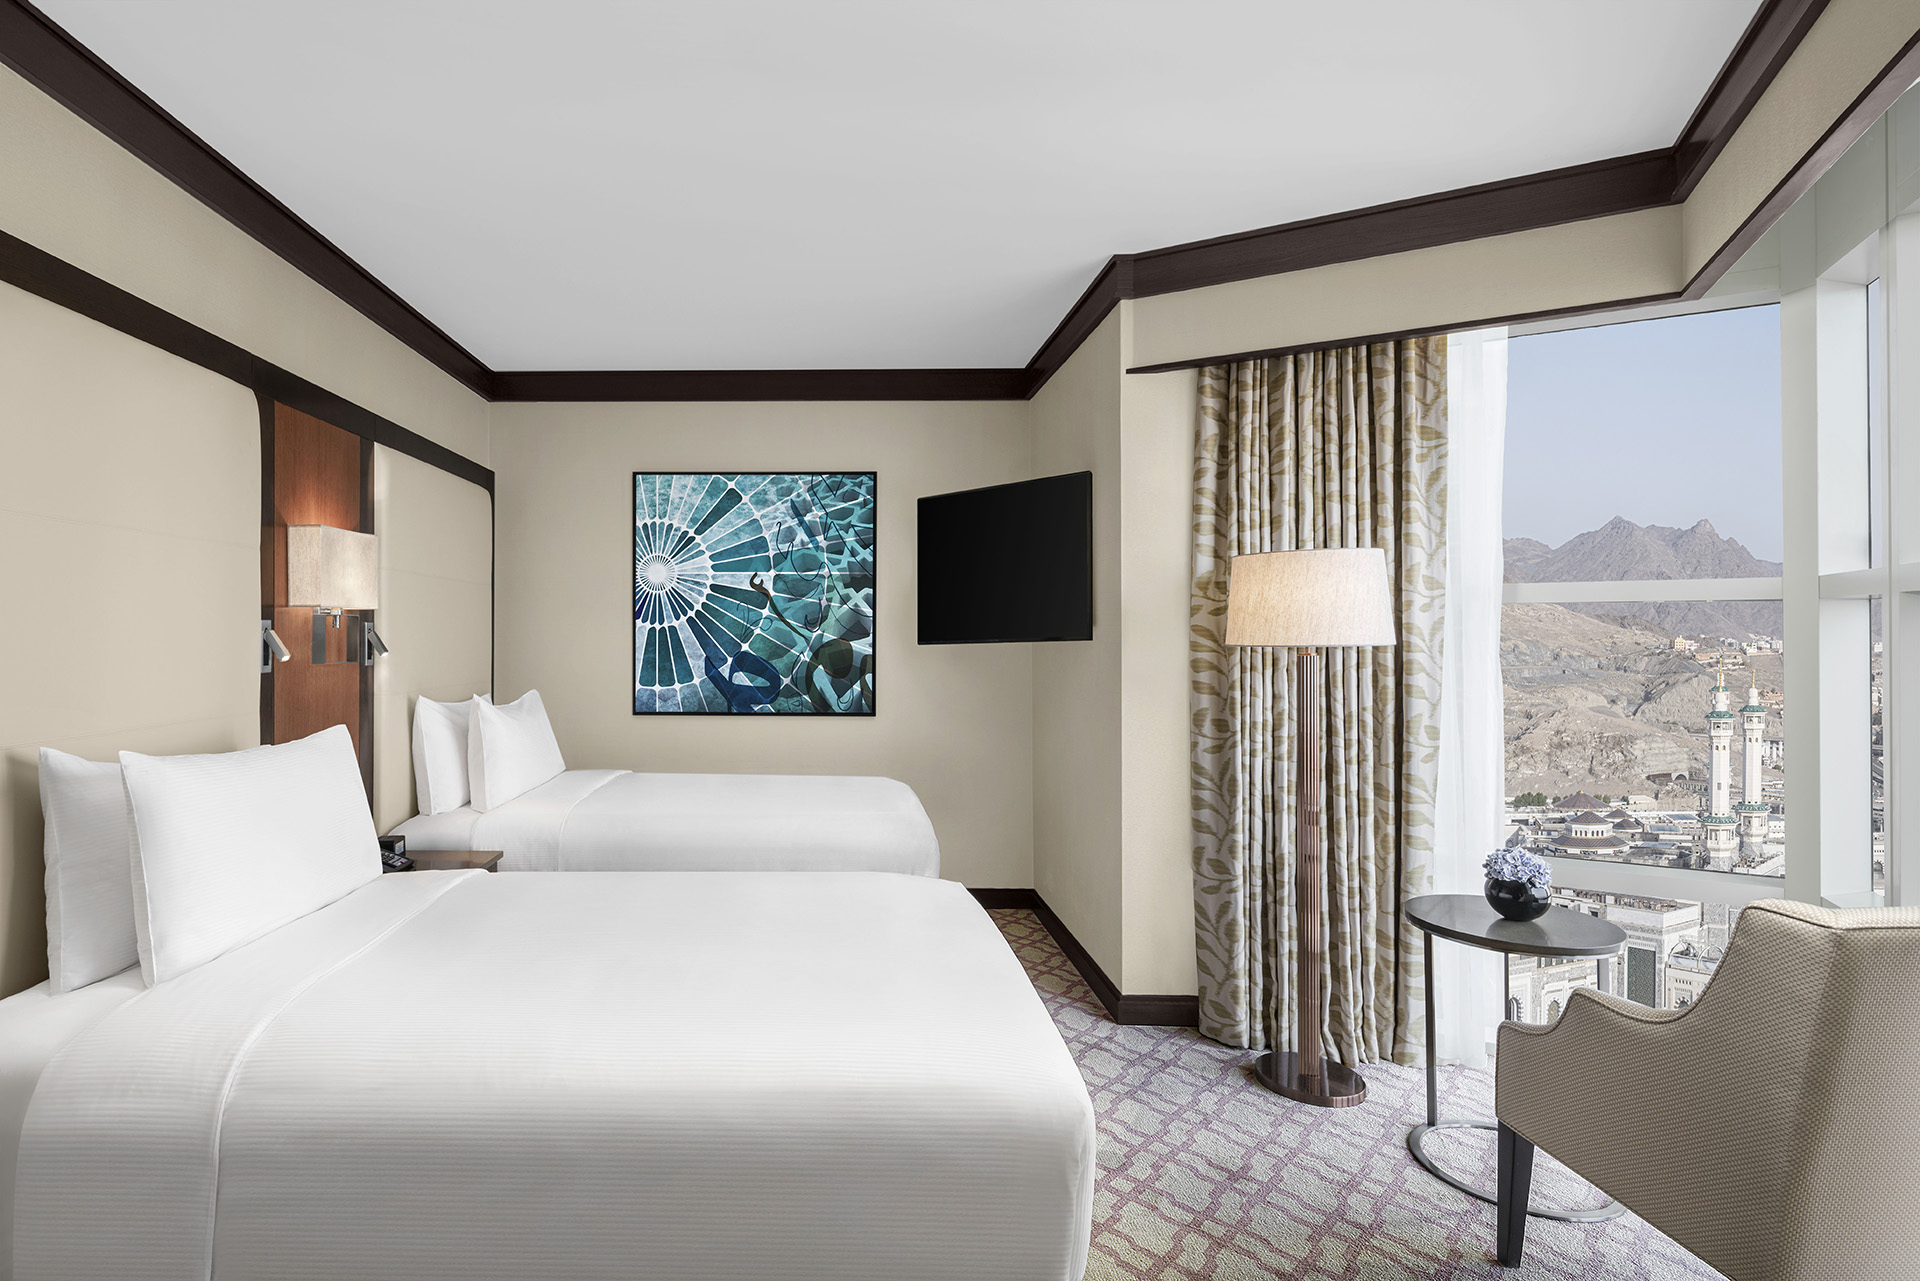 DoubleTree by Hilton Makkah